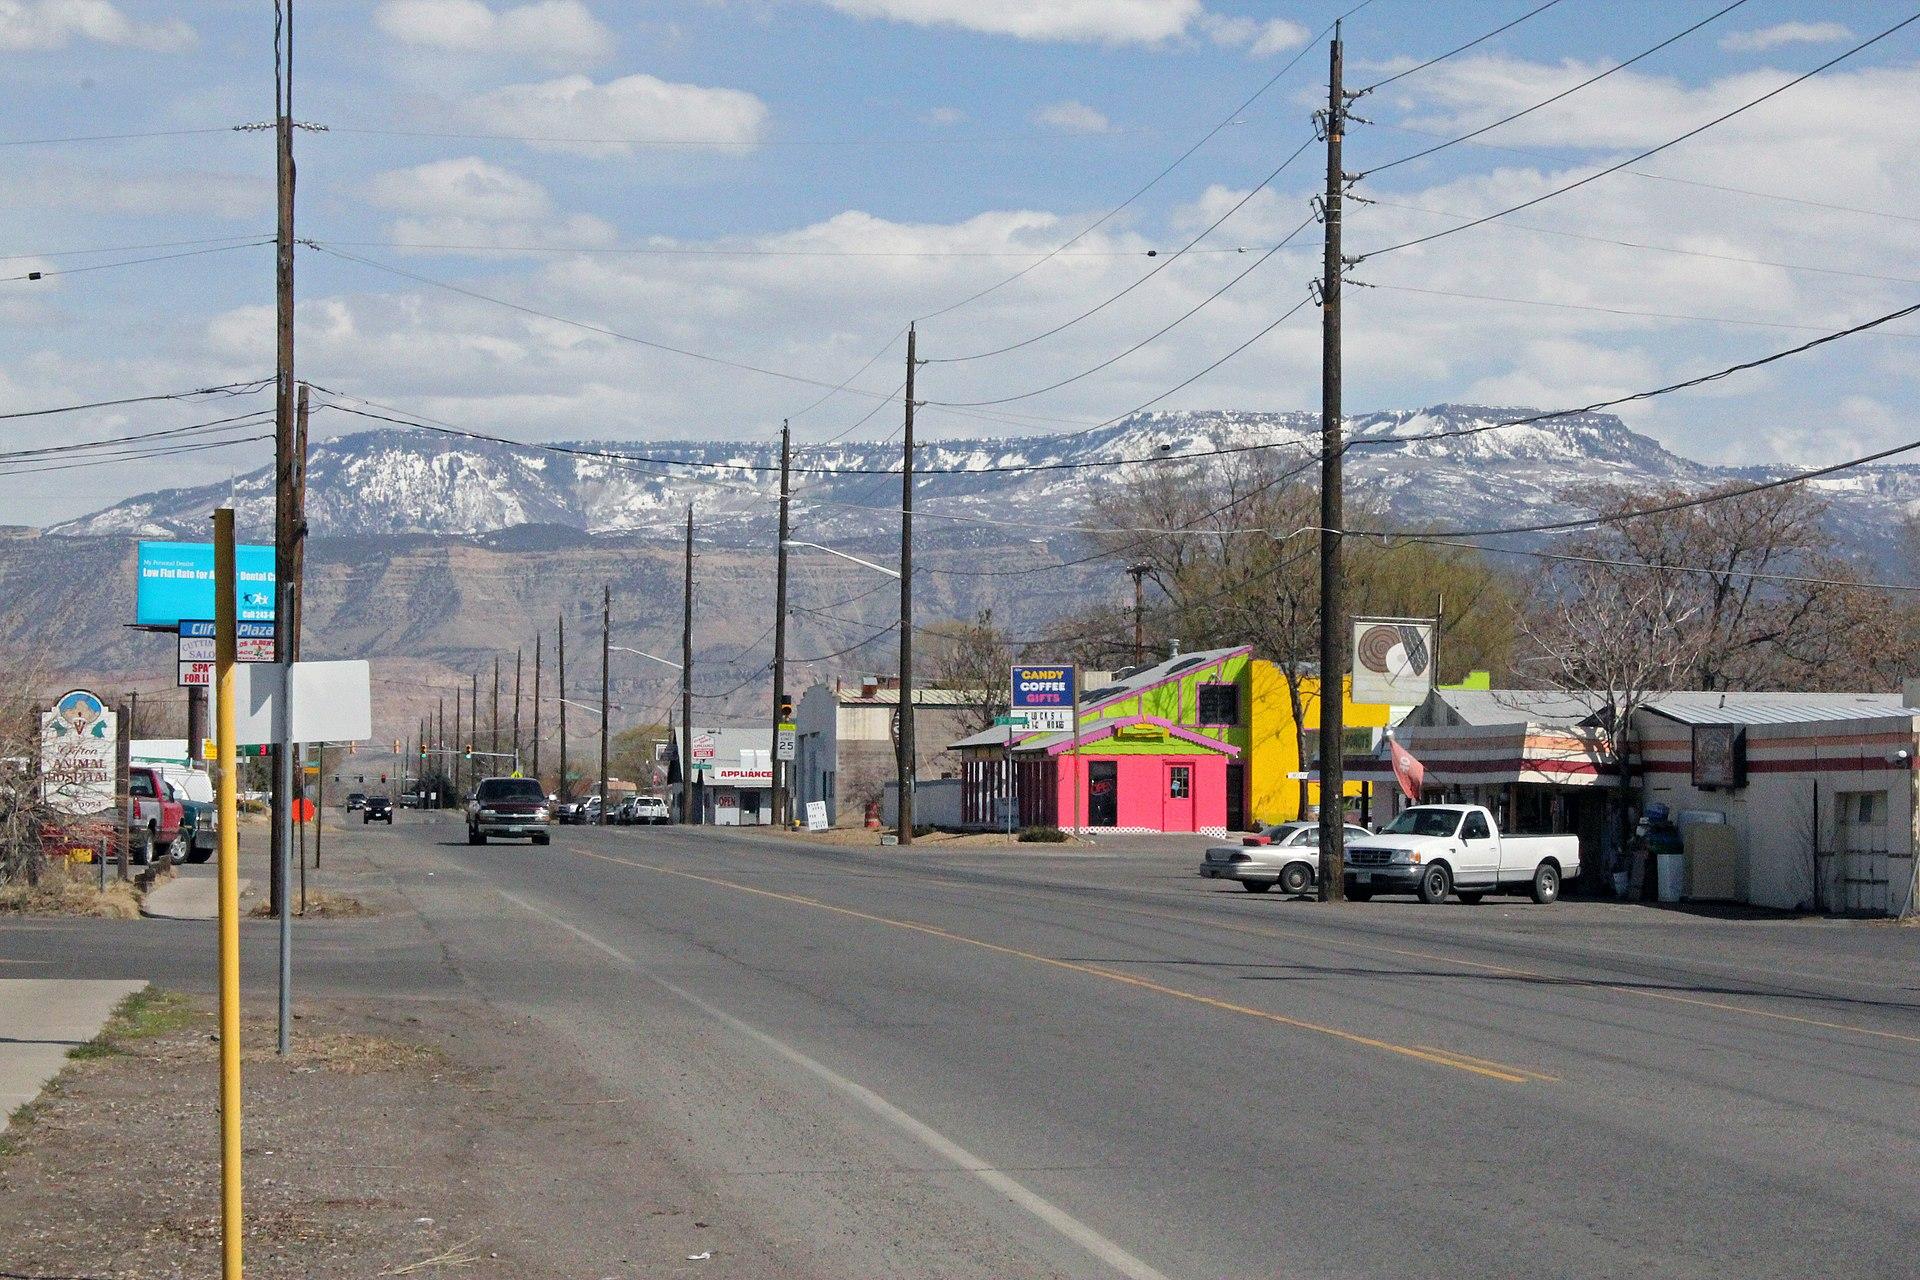 Clifton Colorado  Wikipedia